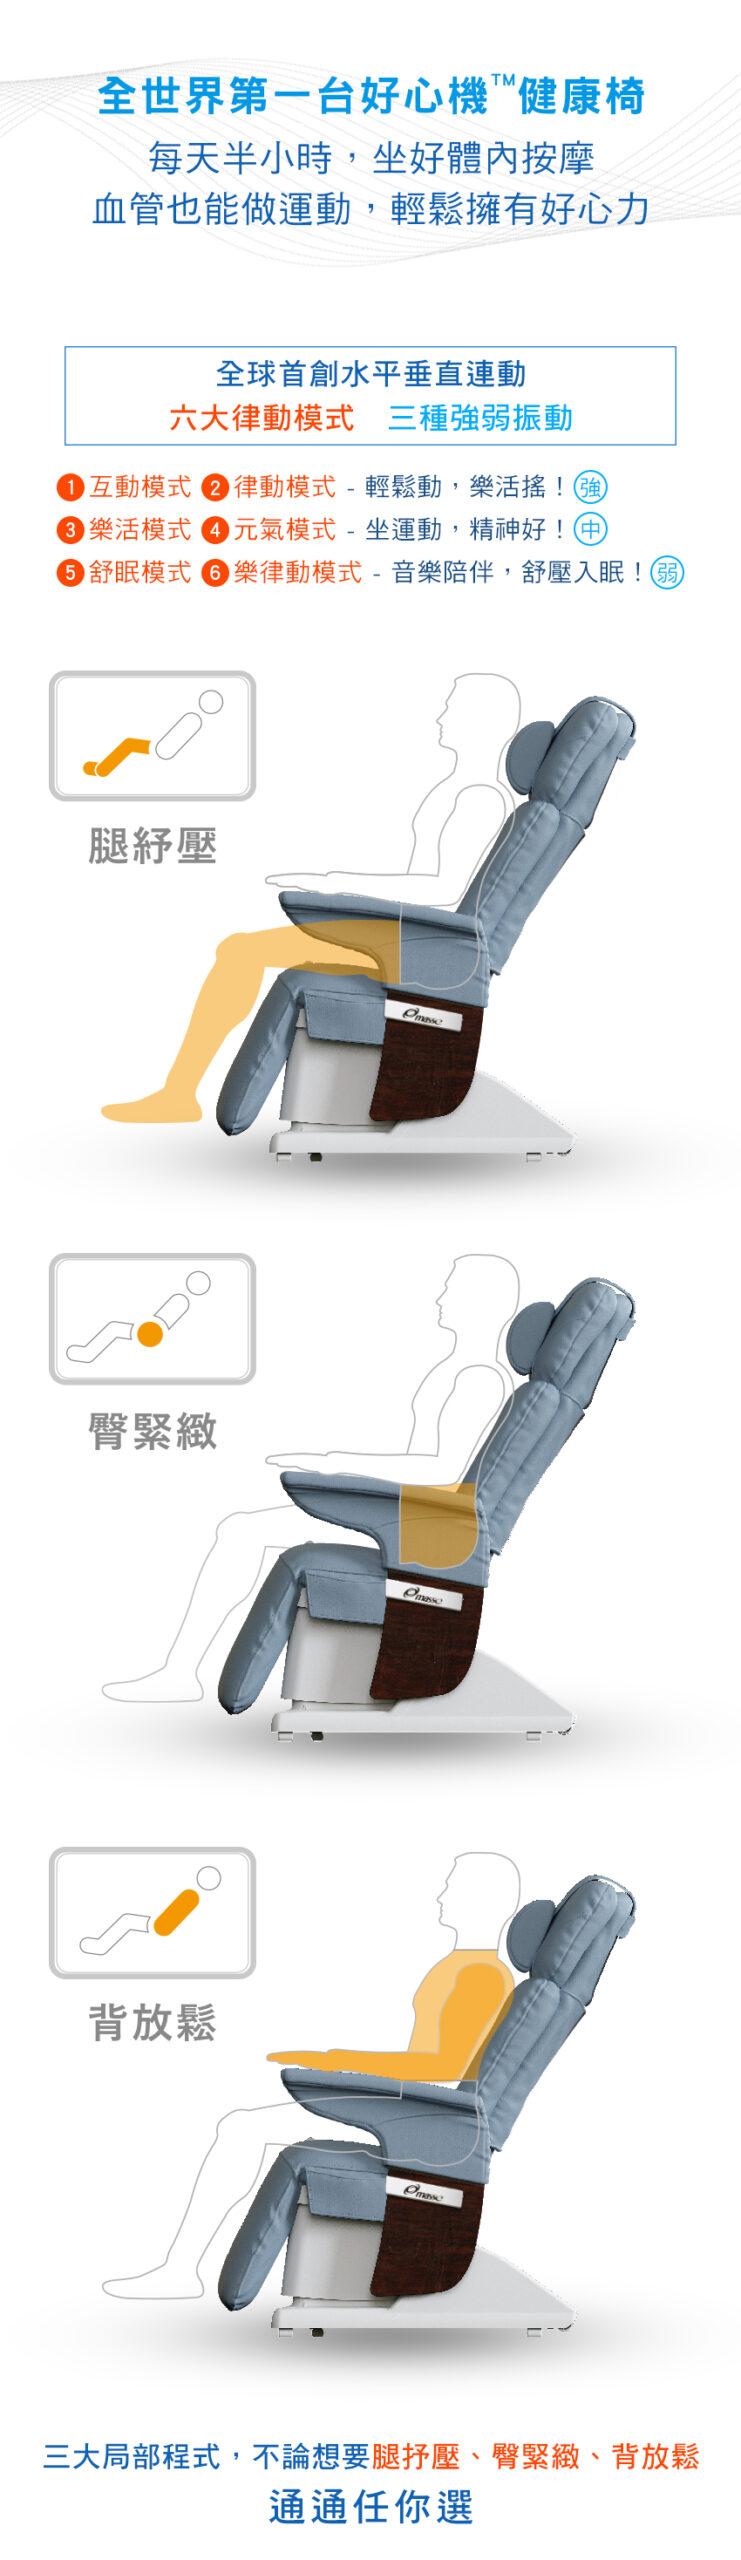 Masse好心機健康椅, 按摩椅, 全球首創, 全身週期加速度運動,全身震動,體內按摩,腿抒壓,臀緊緻,背放鬆,六大律動模式,雙B健康椅, WBPA, WBV